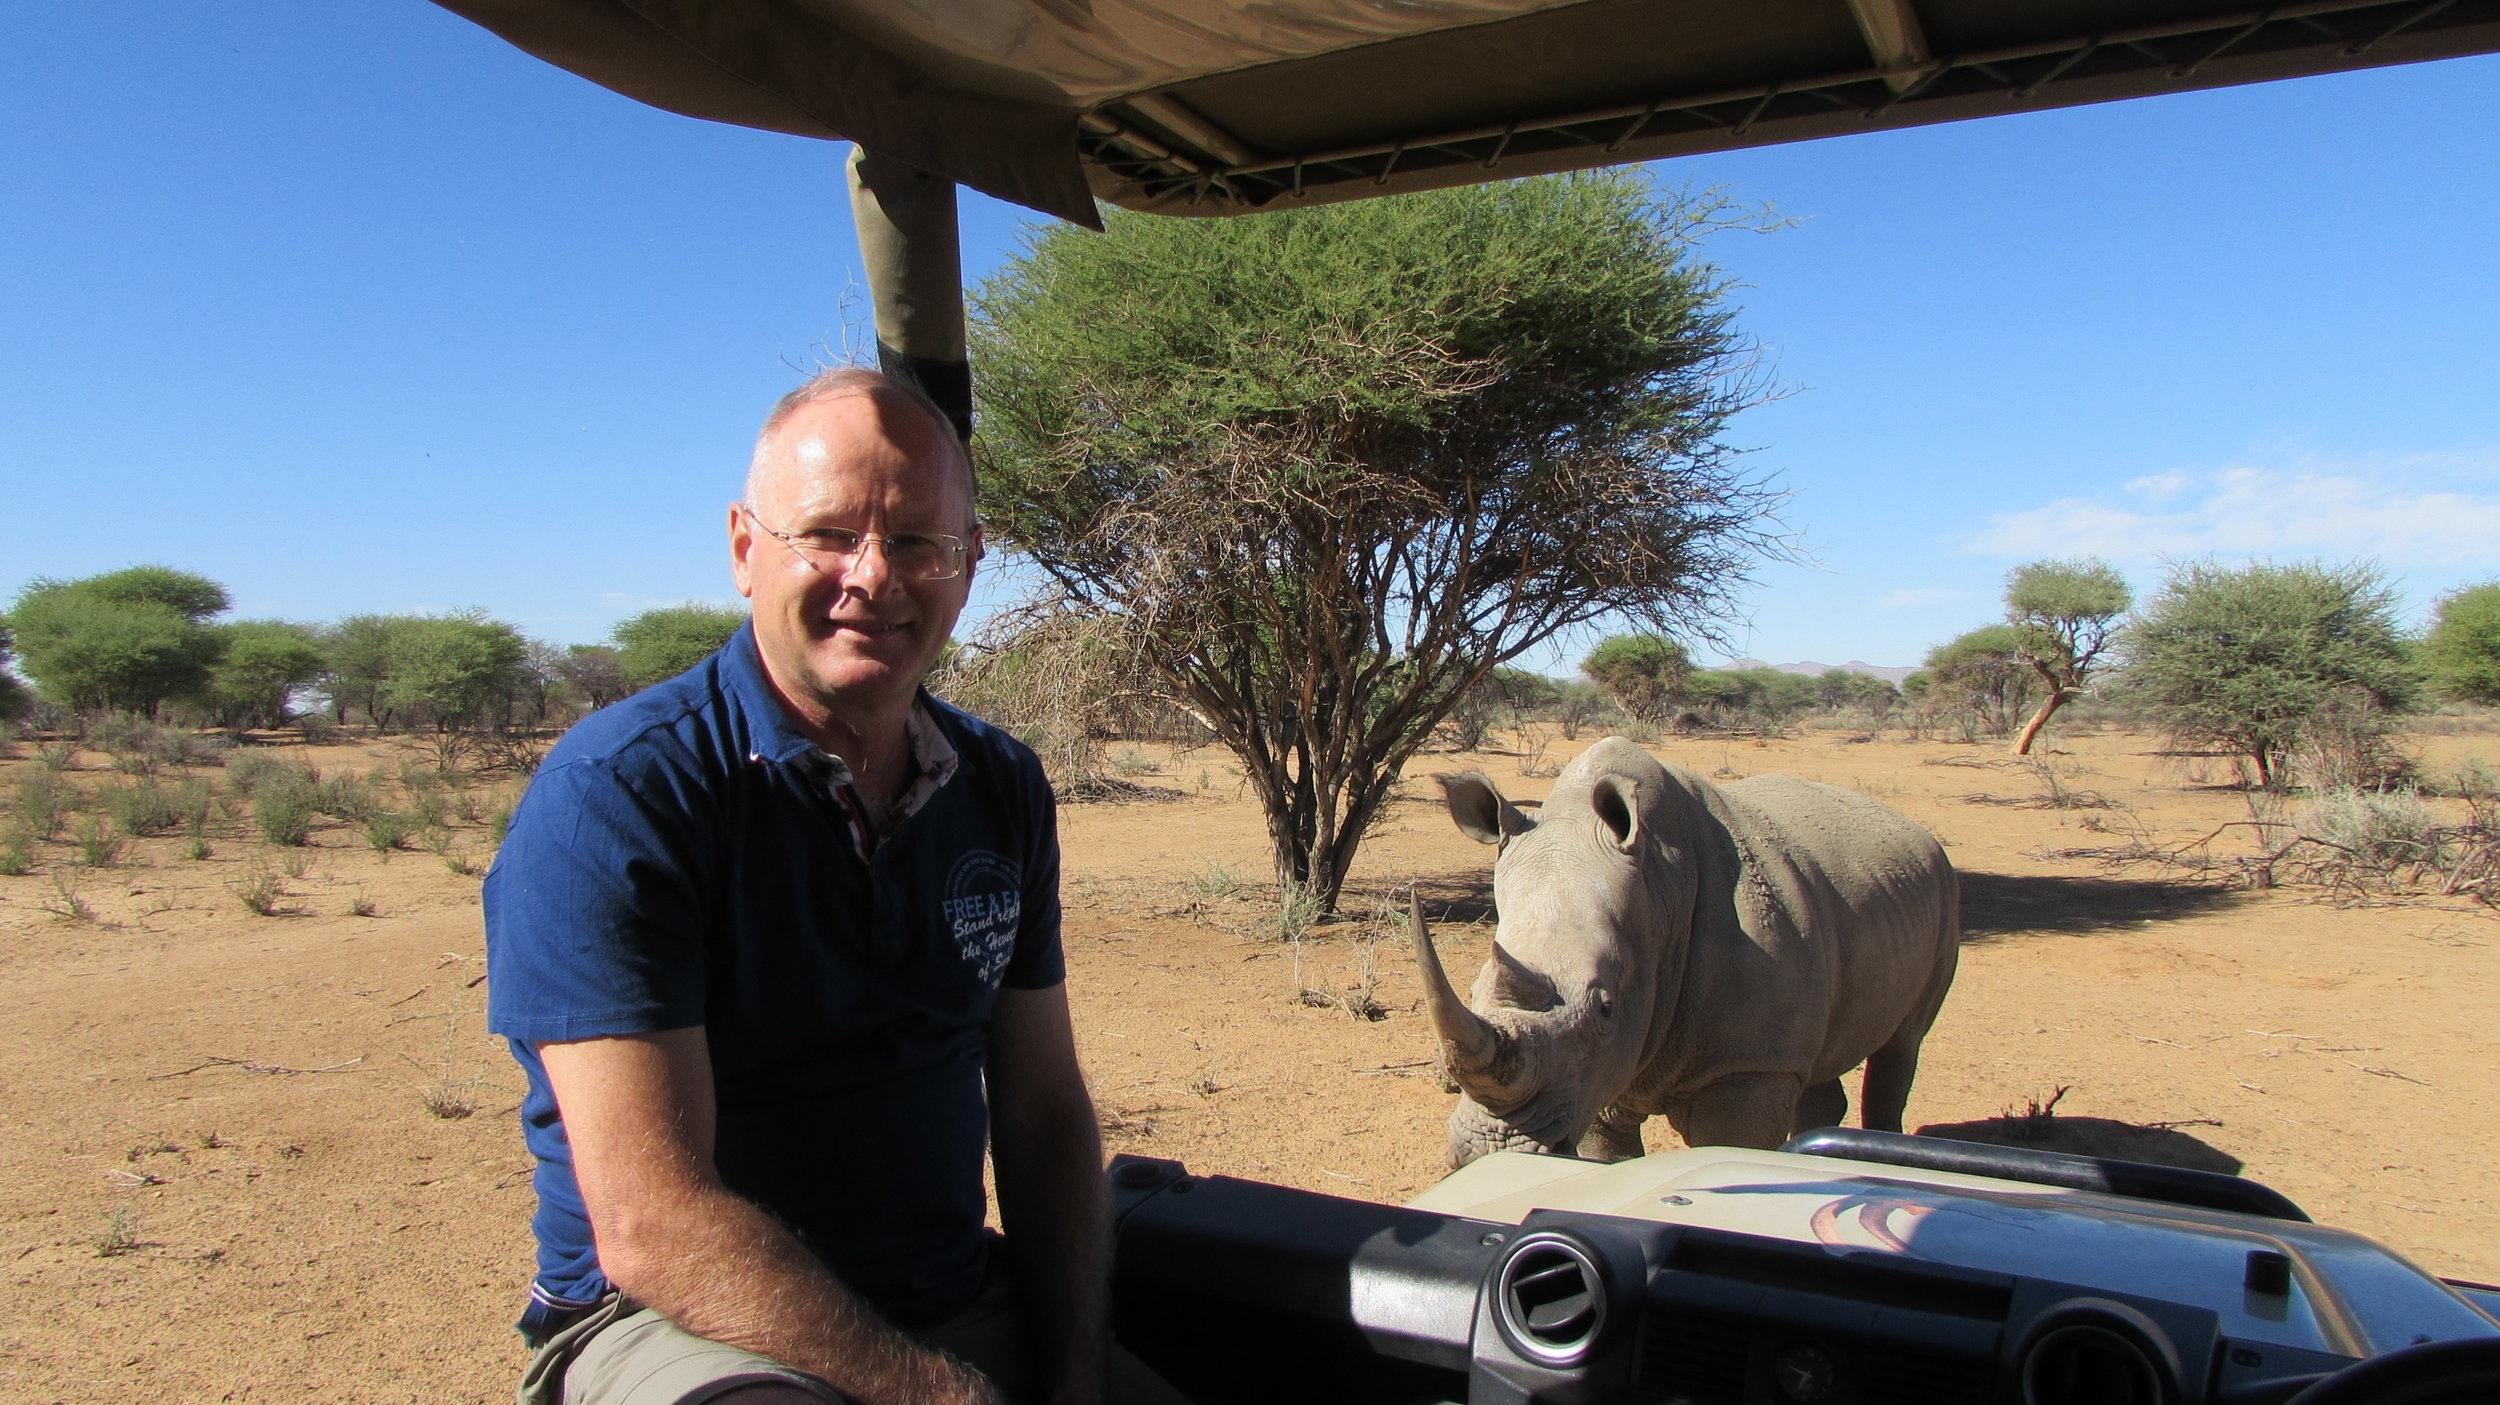 Rhino sighting at Okupoku game farm